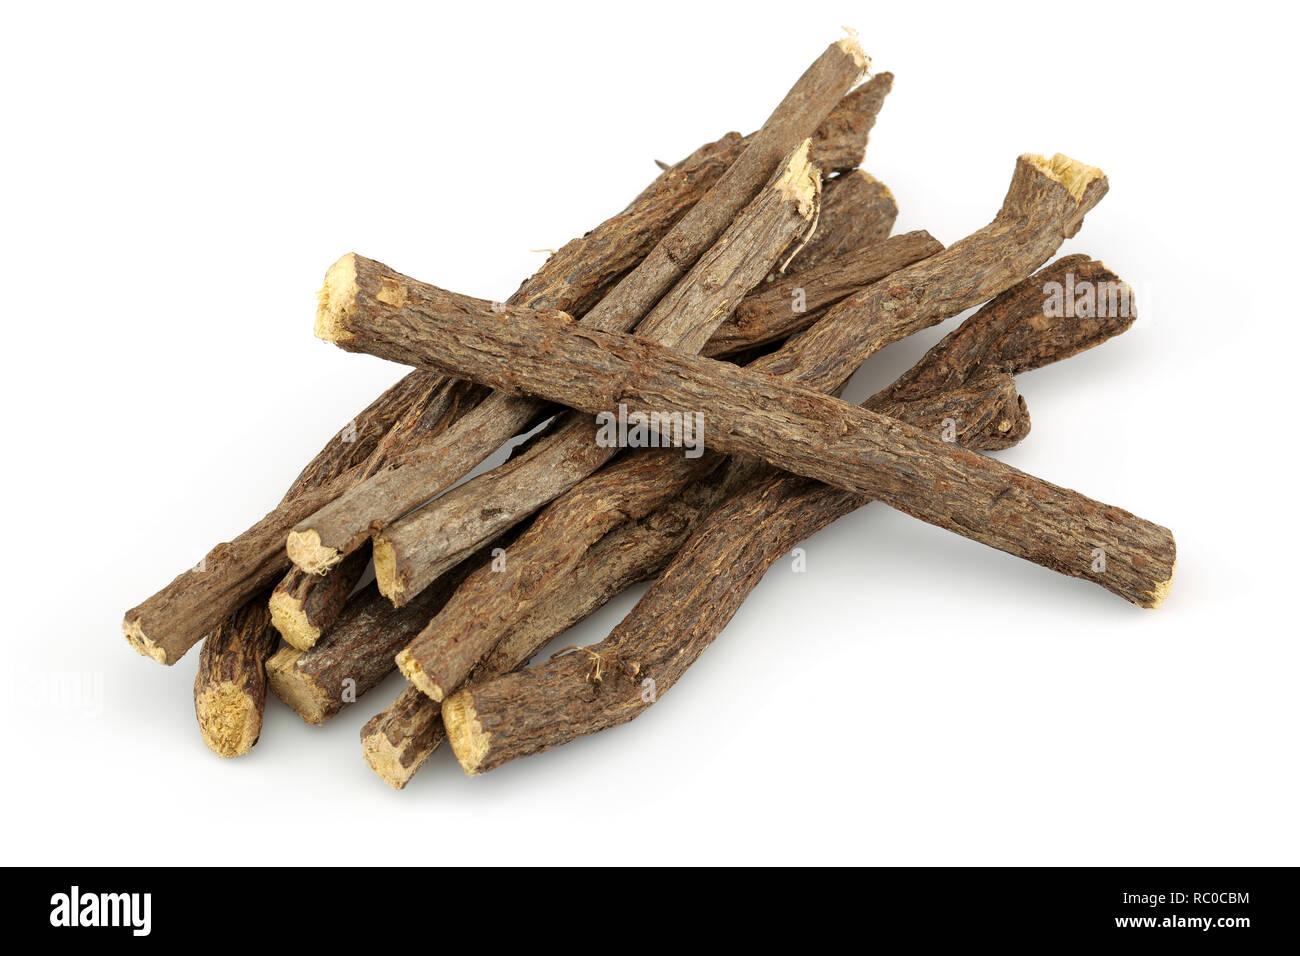 Liquorice root isolated on white background - Stock Image